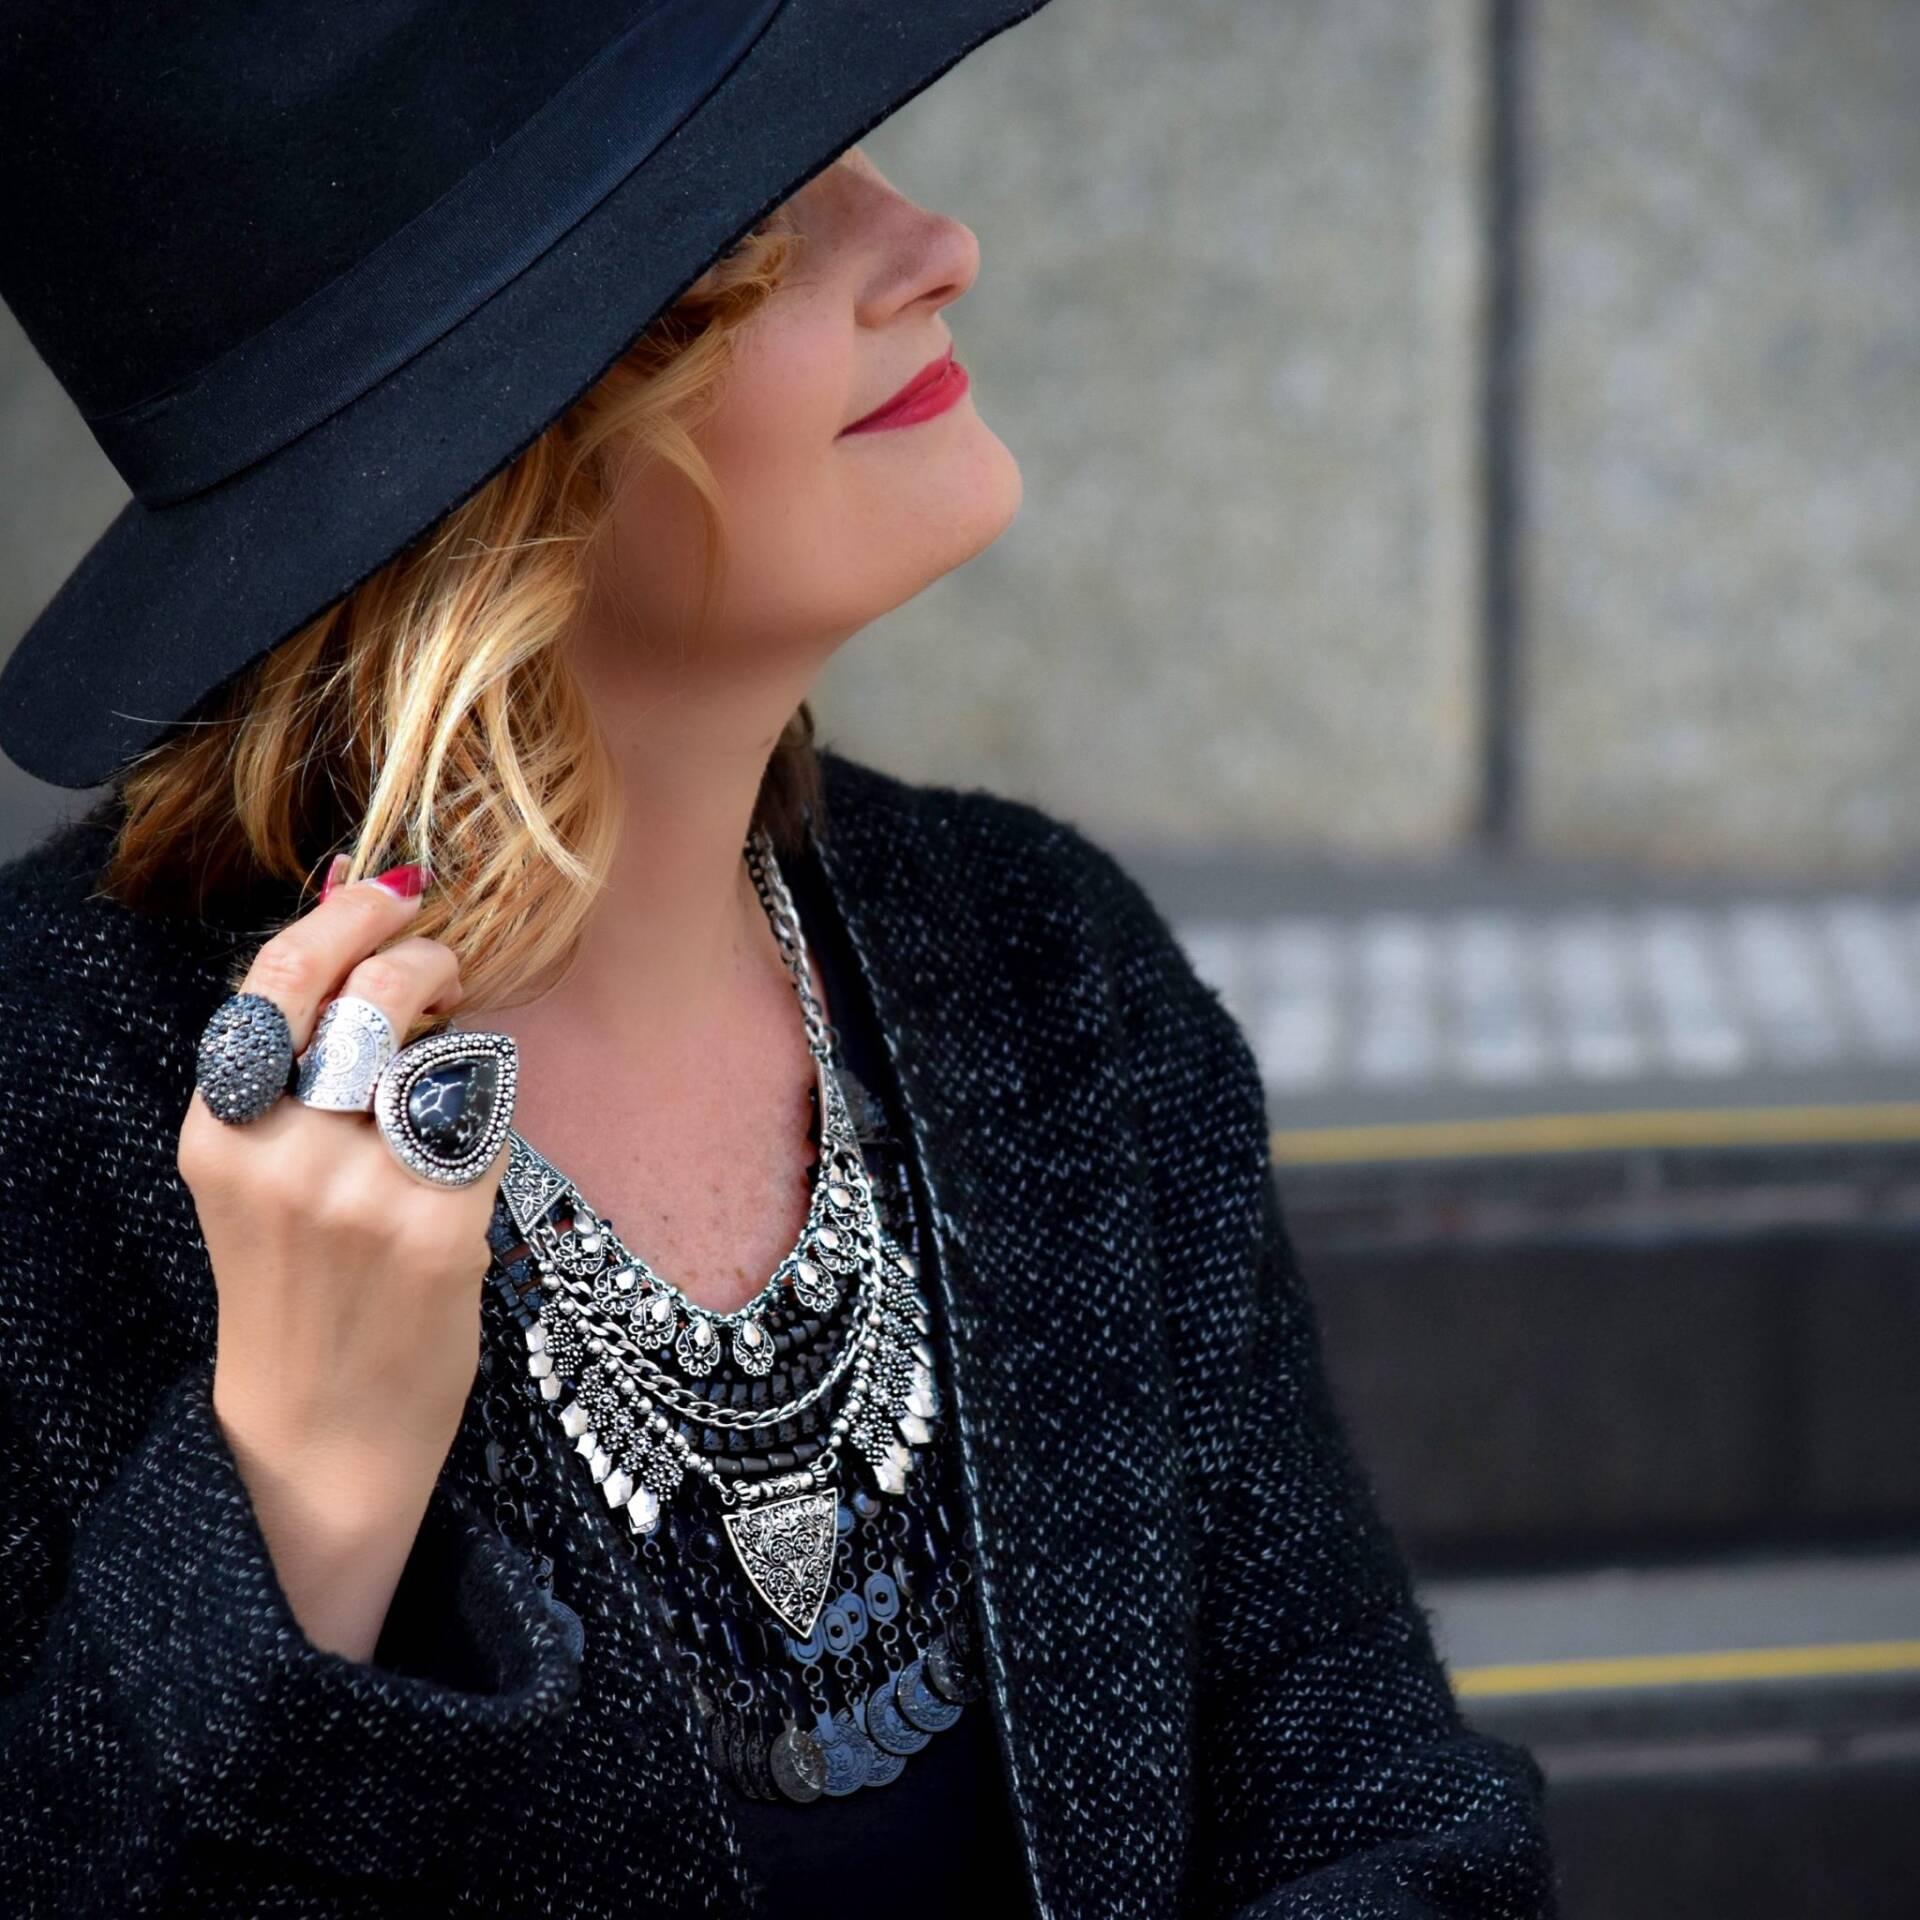 Winter Fashion - The Gypsy Mumma